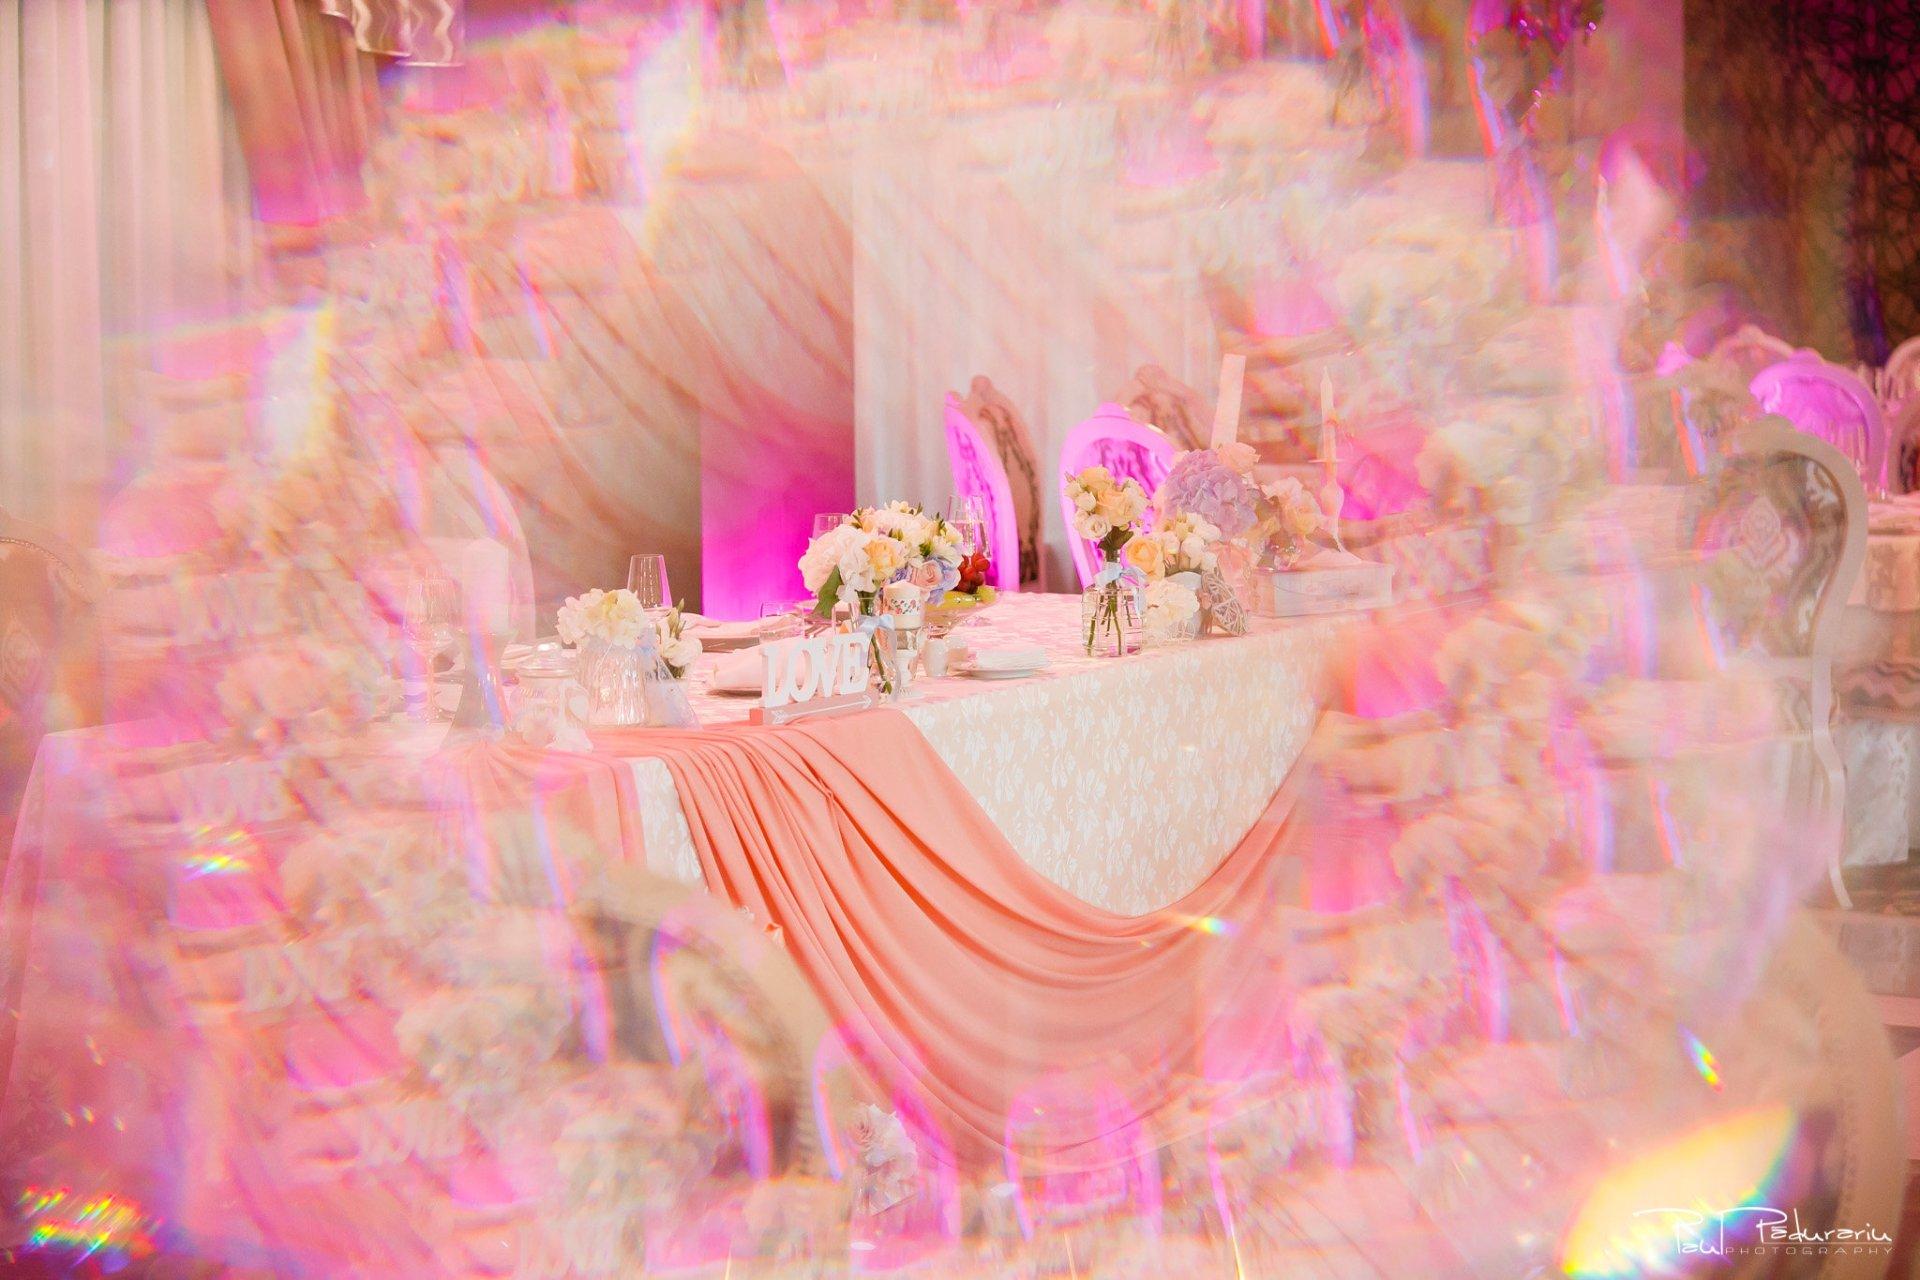 Decoratiuni nunta Ariadna si Iulian petrecere nunta Iasi www.paulpadurariu.ro © 2017 Paul Padurariu fotograf profesionist